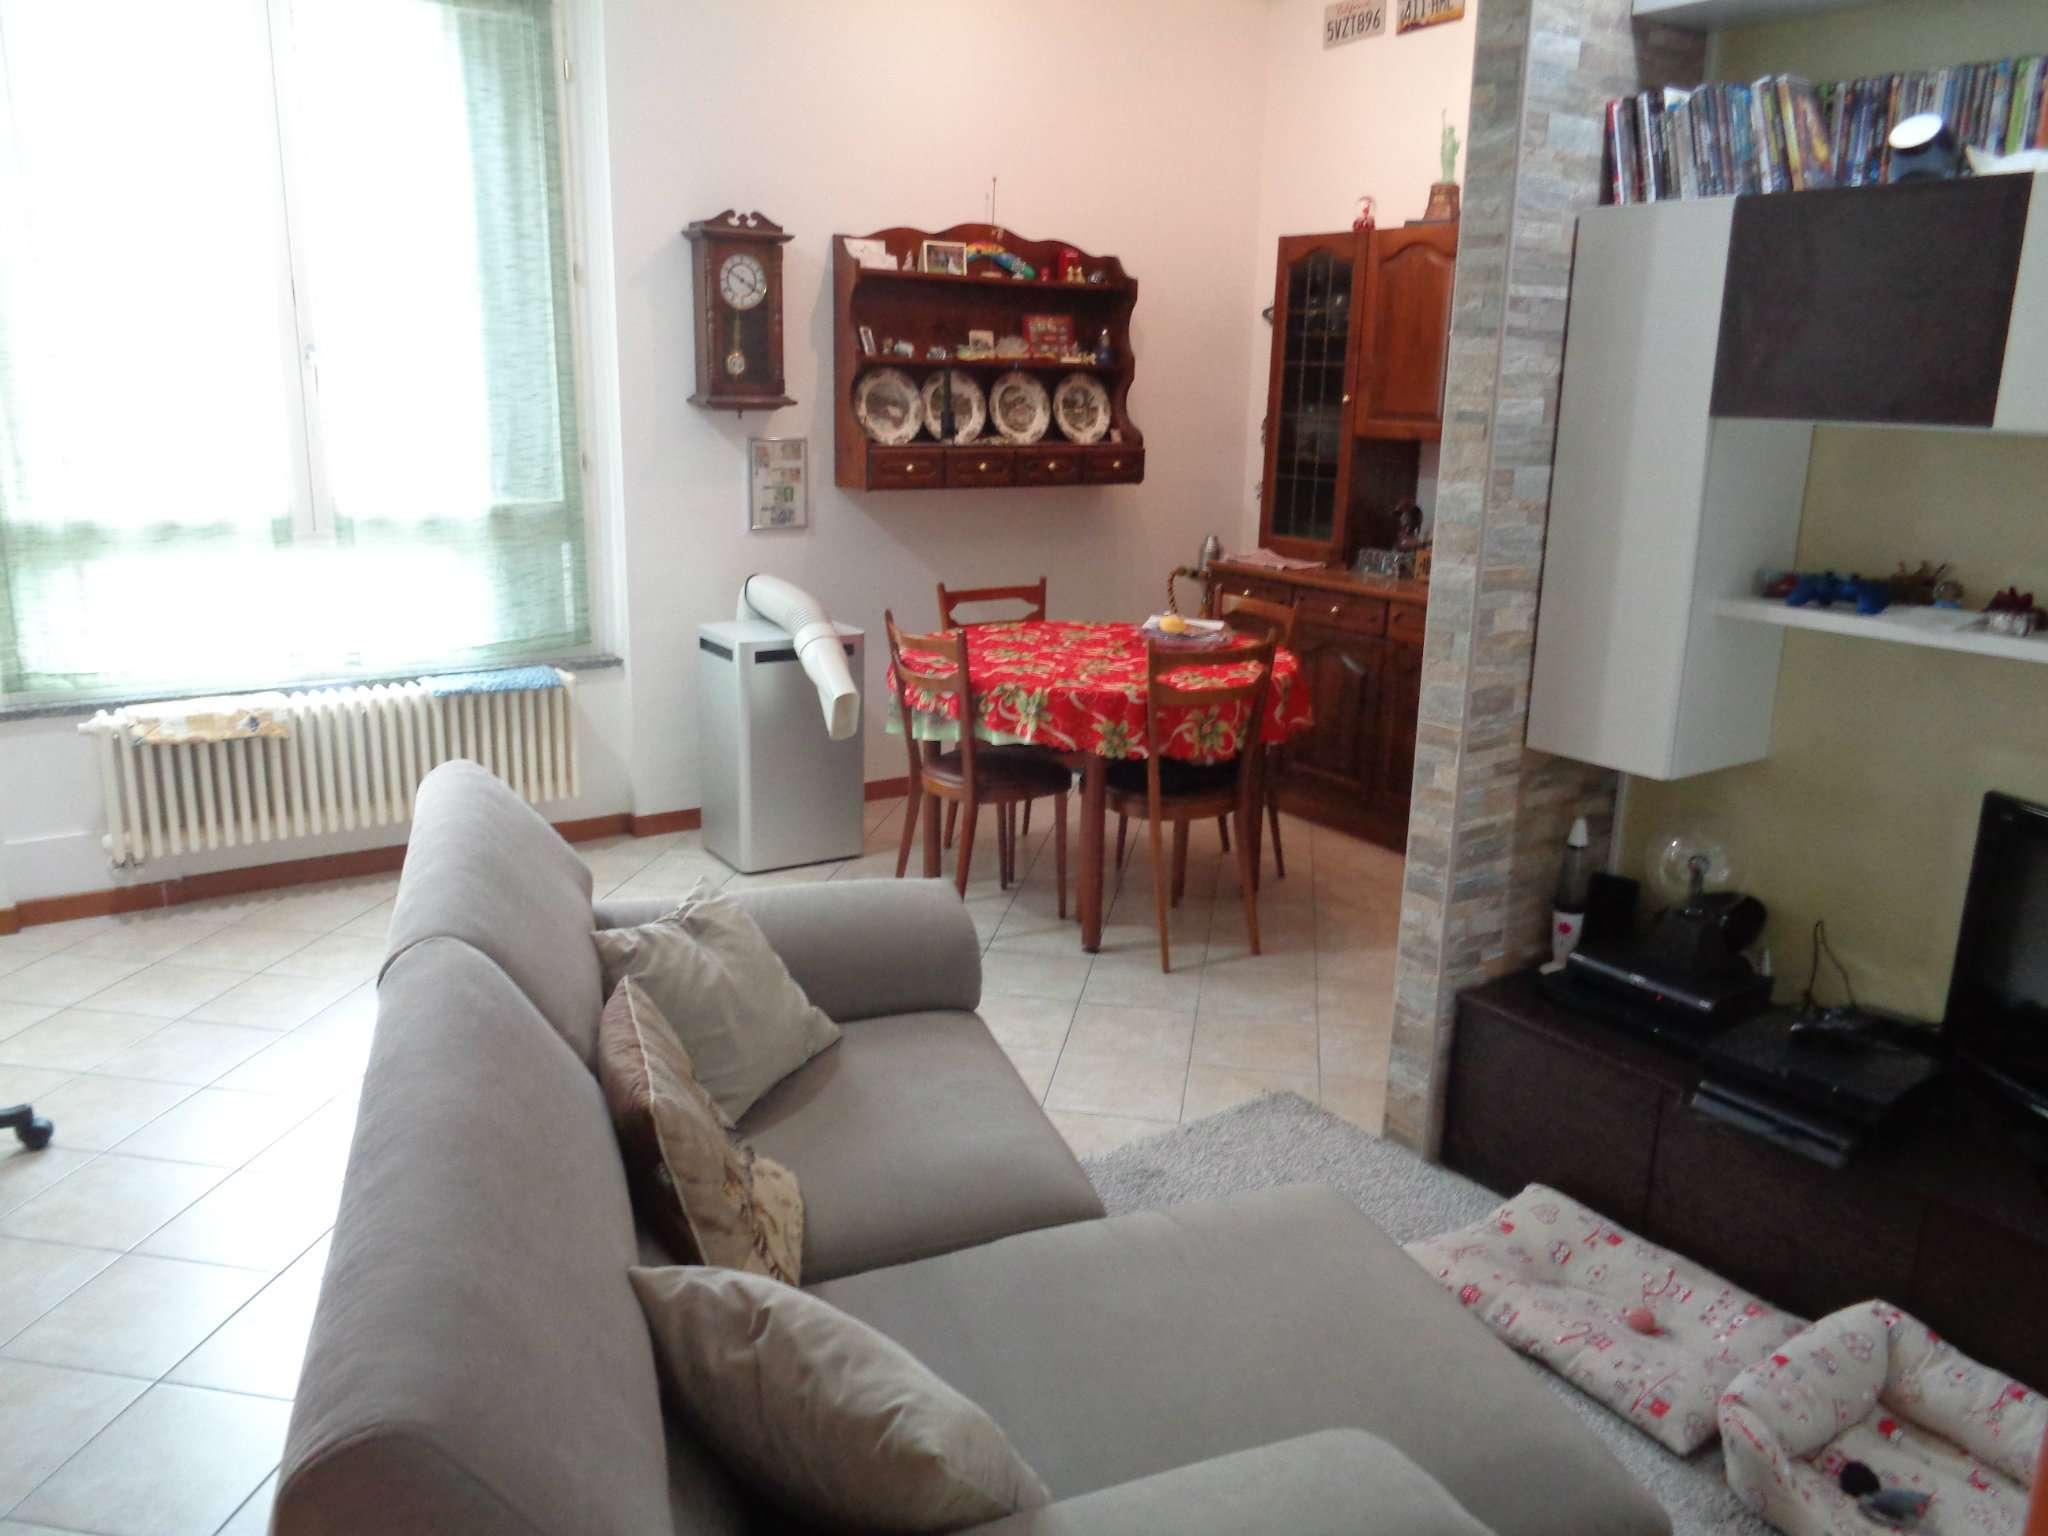 Appartamento in vendita a Malnate, 2 locali, prezzo € 105.000 | CambioCasa.it